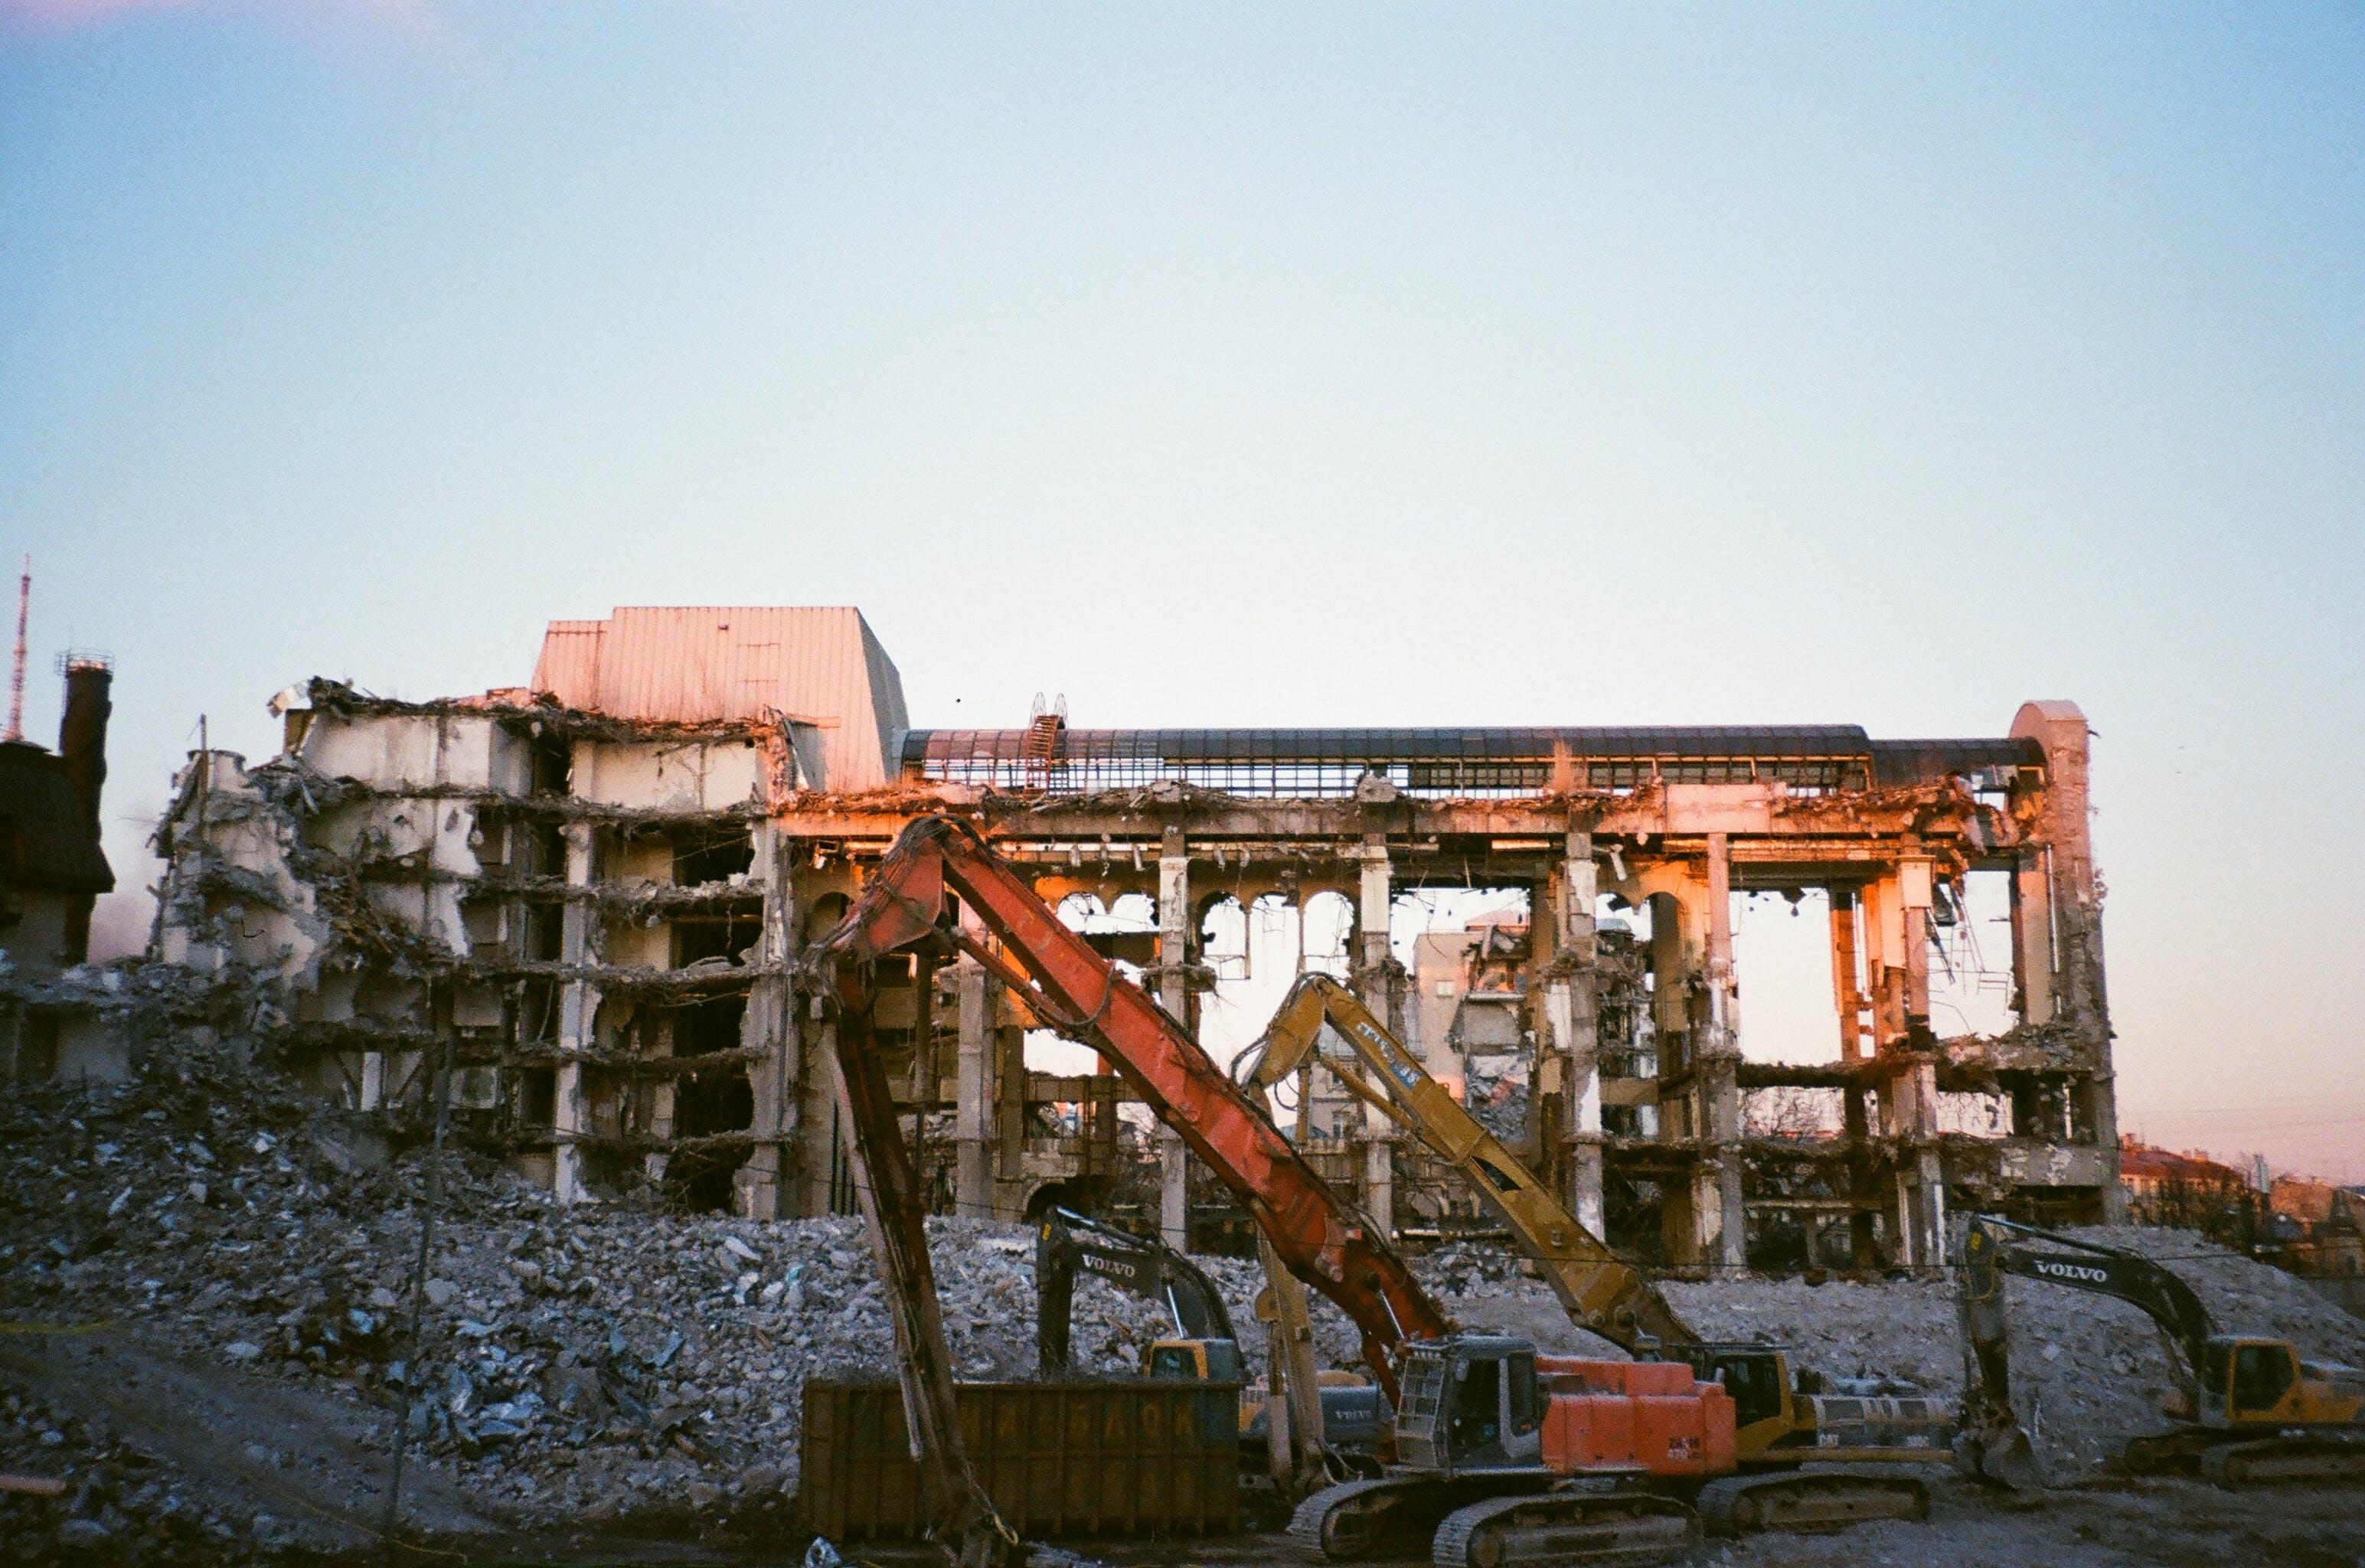 Gratis lagerfoto af bygning, forladt, maskine, nedbrydning